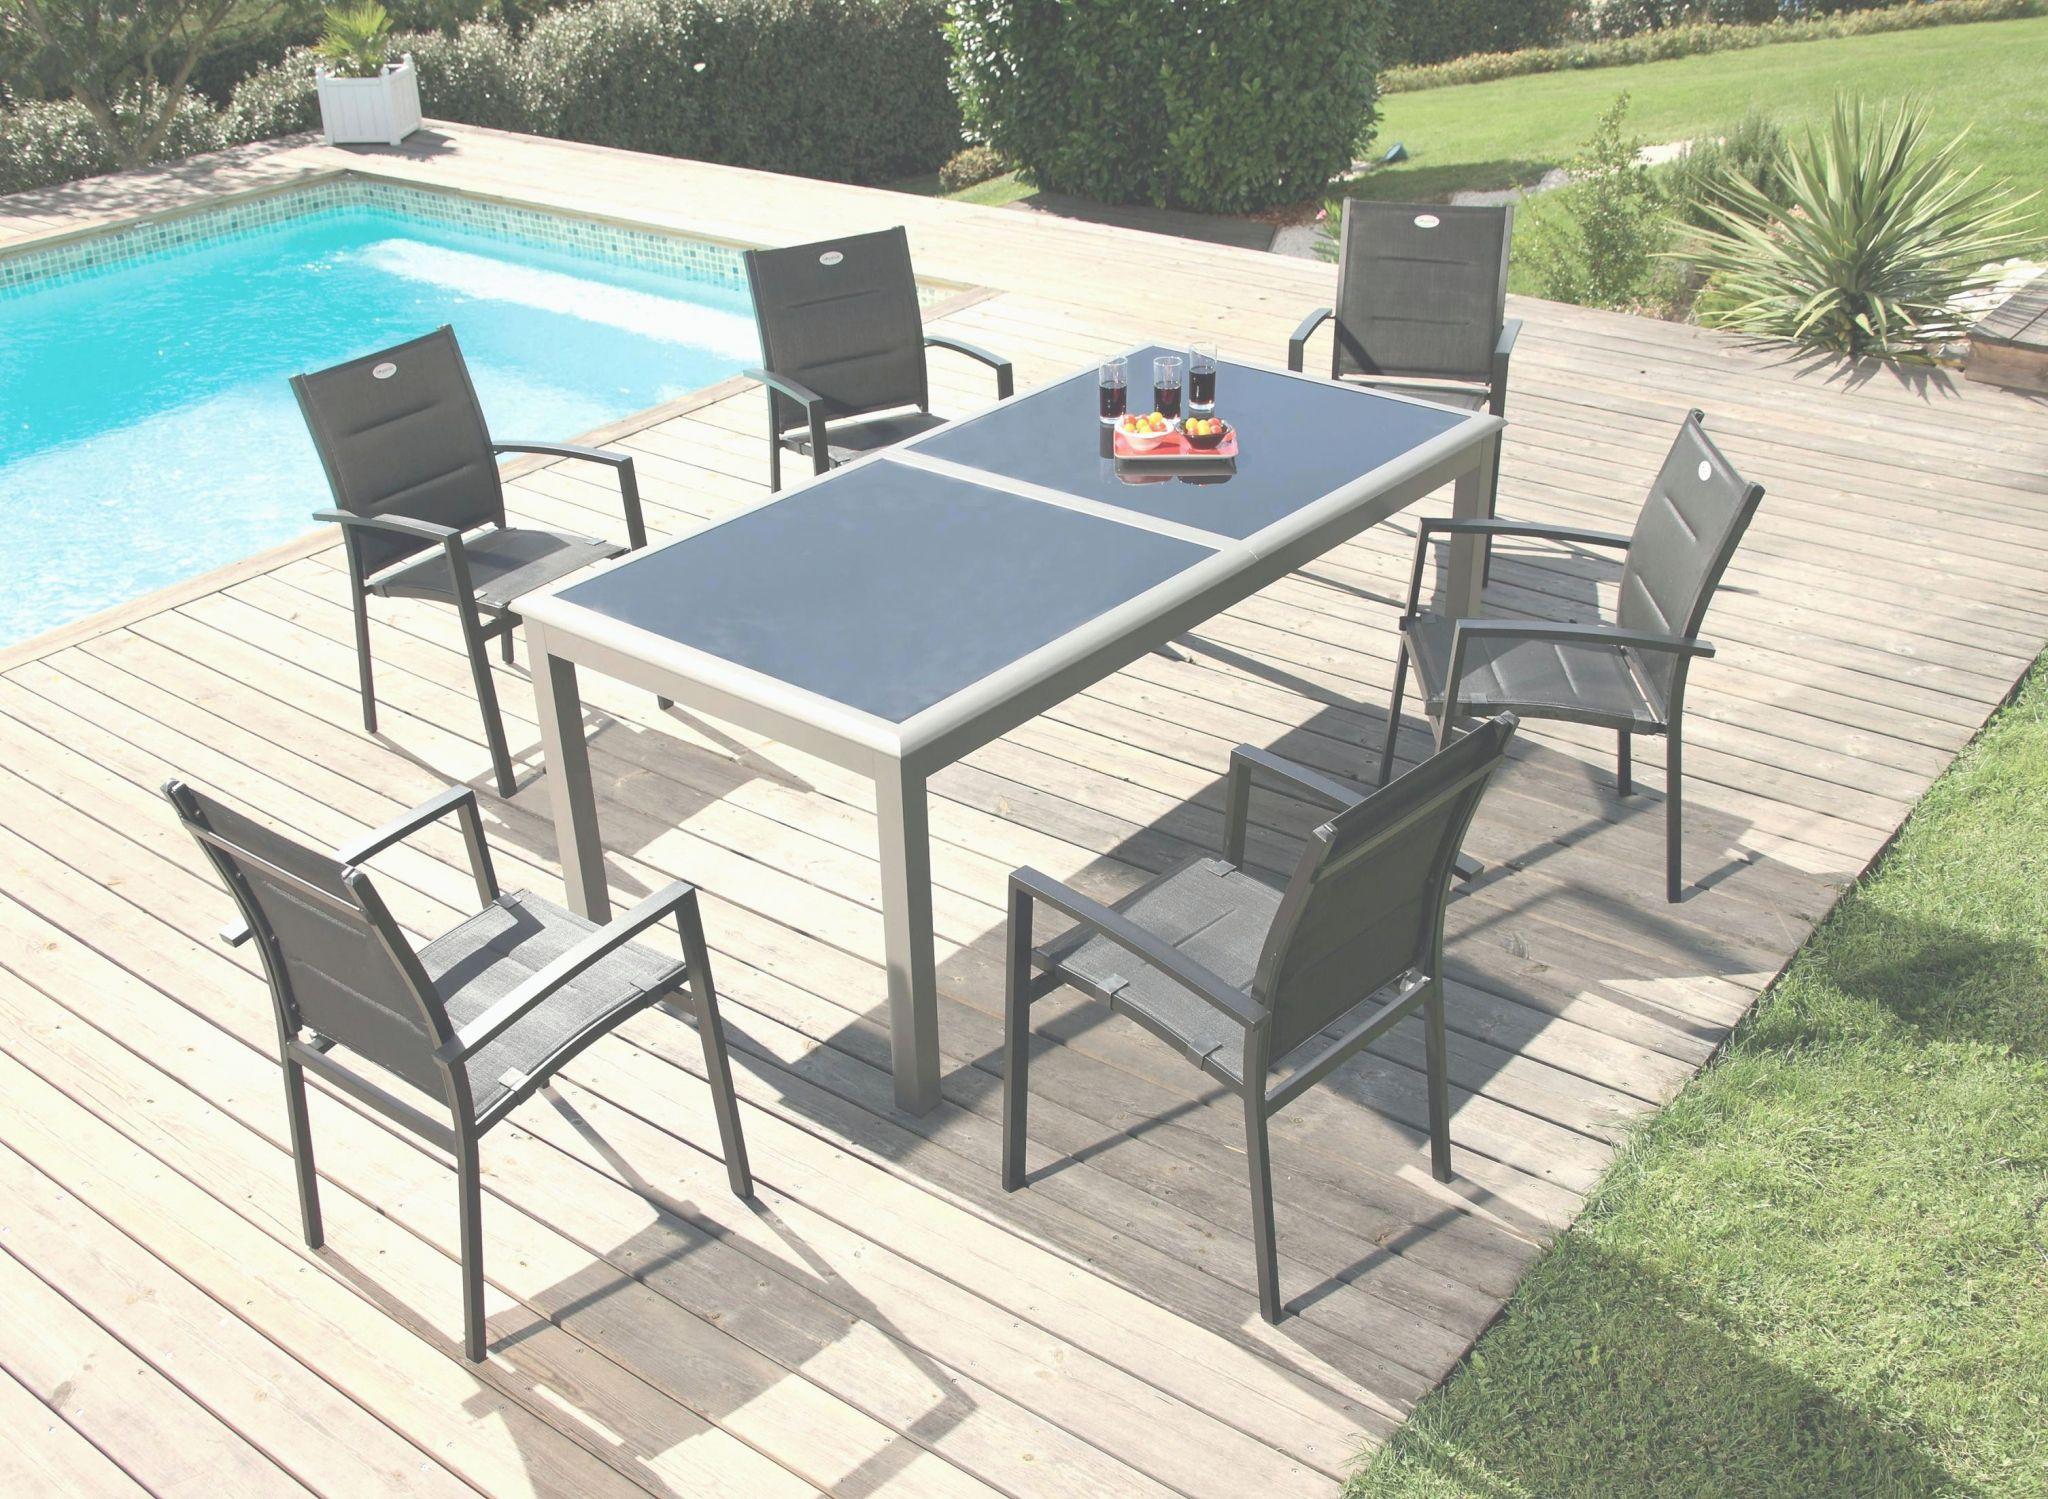 table de jardin bri arche bri arche mobilier de jardin of table de jardin bri arche